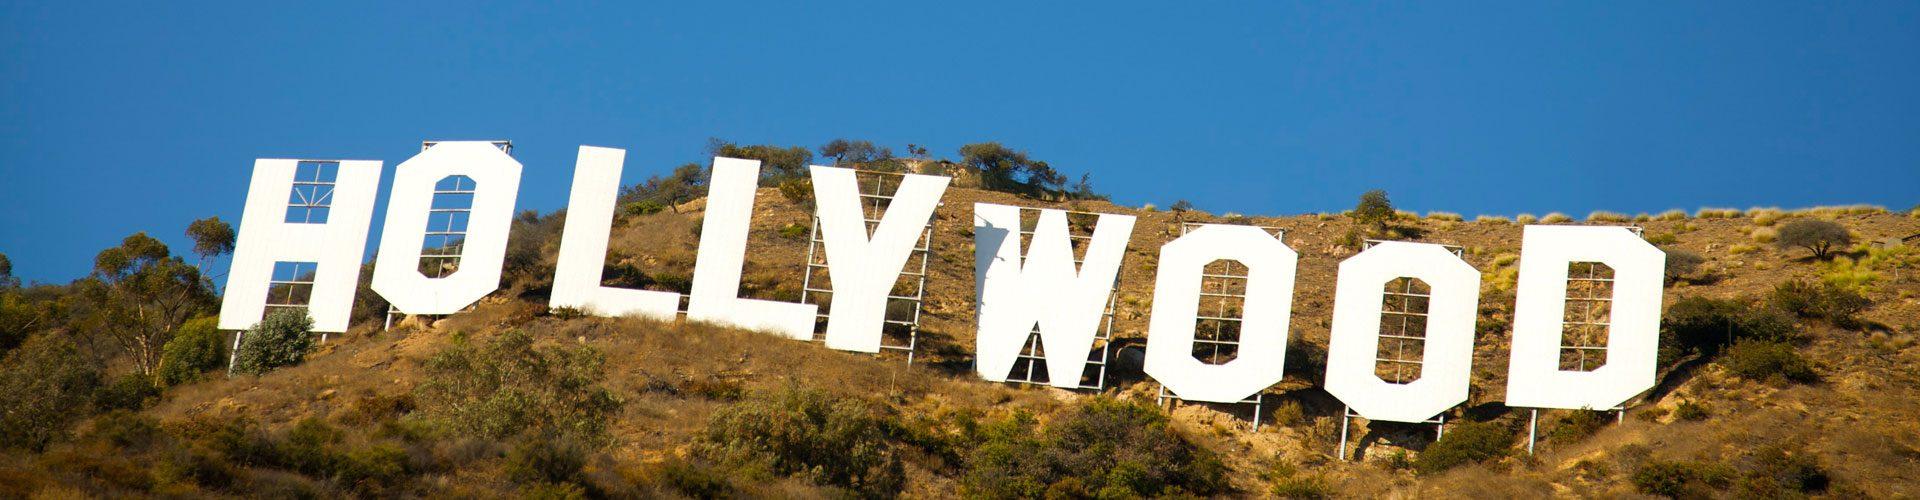 Hollywood Zeichen, Los Angeles, Kalifornien